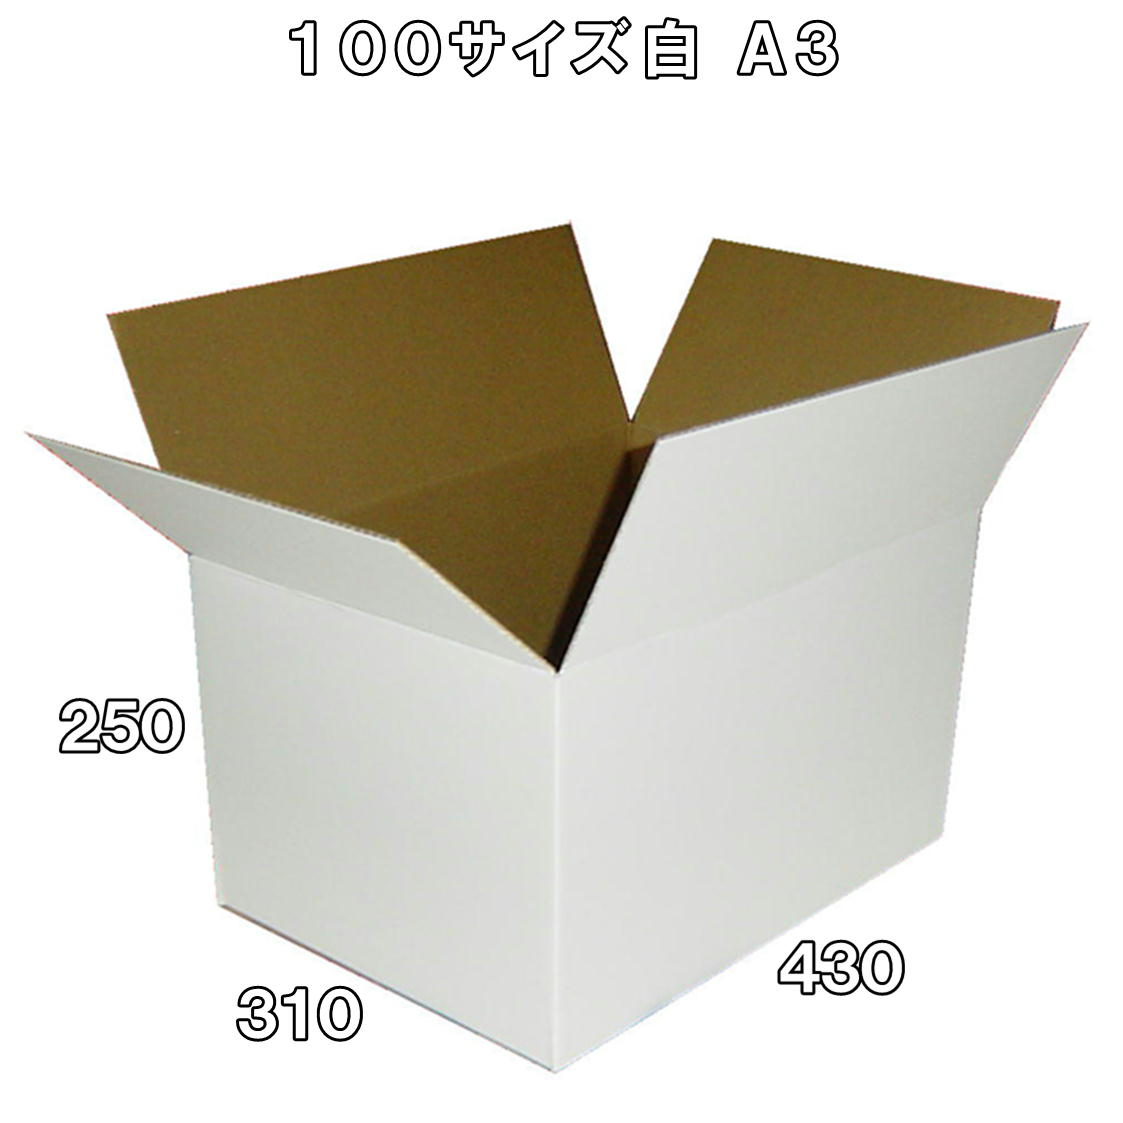 公式サイト 100サイズ白段ボール箱50枚 A3対応 期間限定特価品 底面から50ミリに便利線入 白さが品物を際立たせます 宅急便 宅配便 ゆうパックに 法人様向け 白 底面 A3 100サイズ 便利線入り※西濃運輸での配送となります※※沖縄と離島は対象外となります※ 箱 ダンボール 50枚